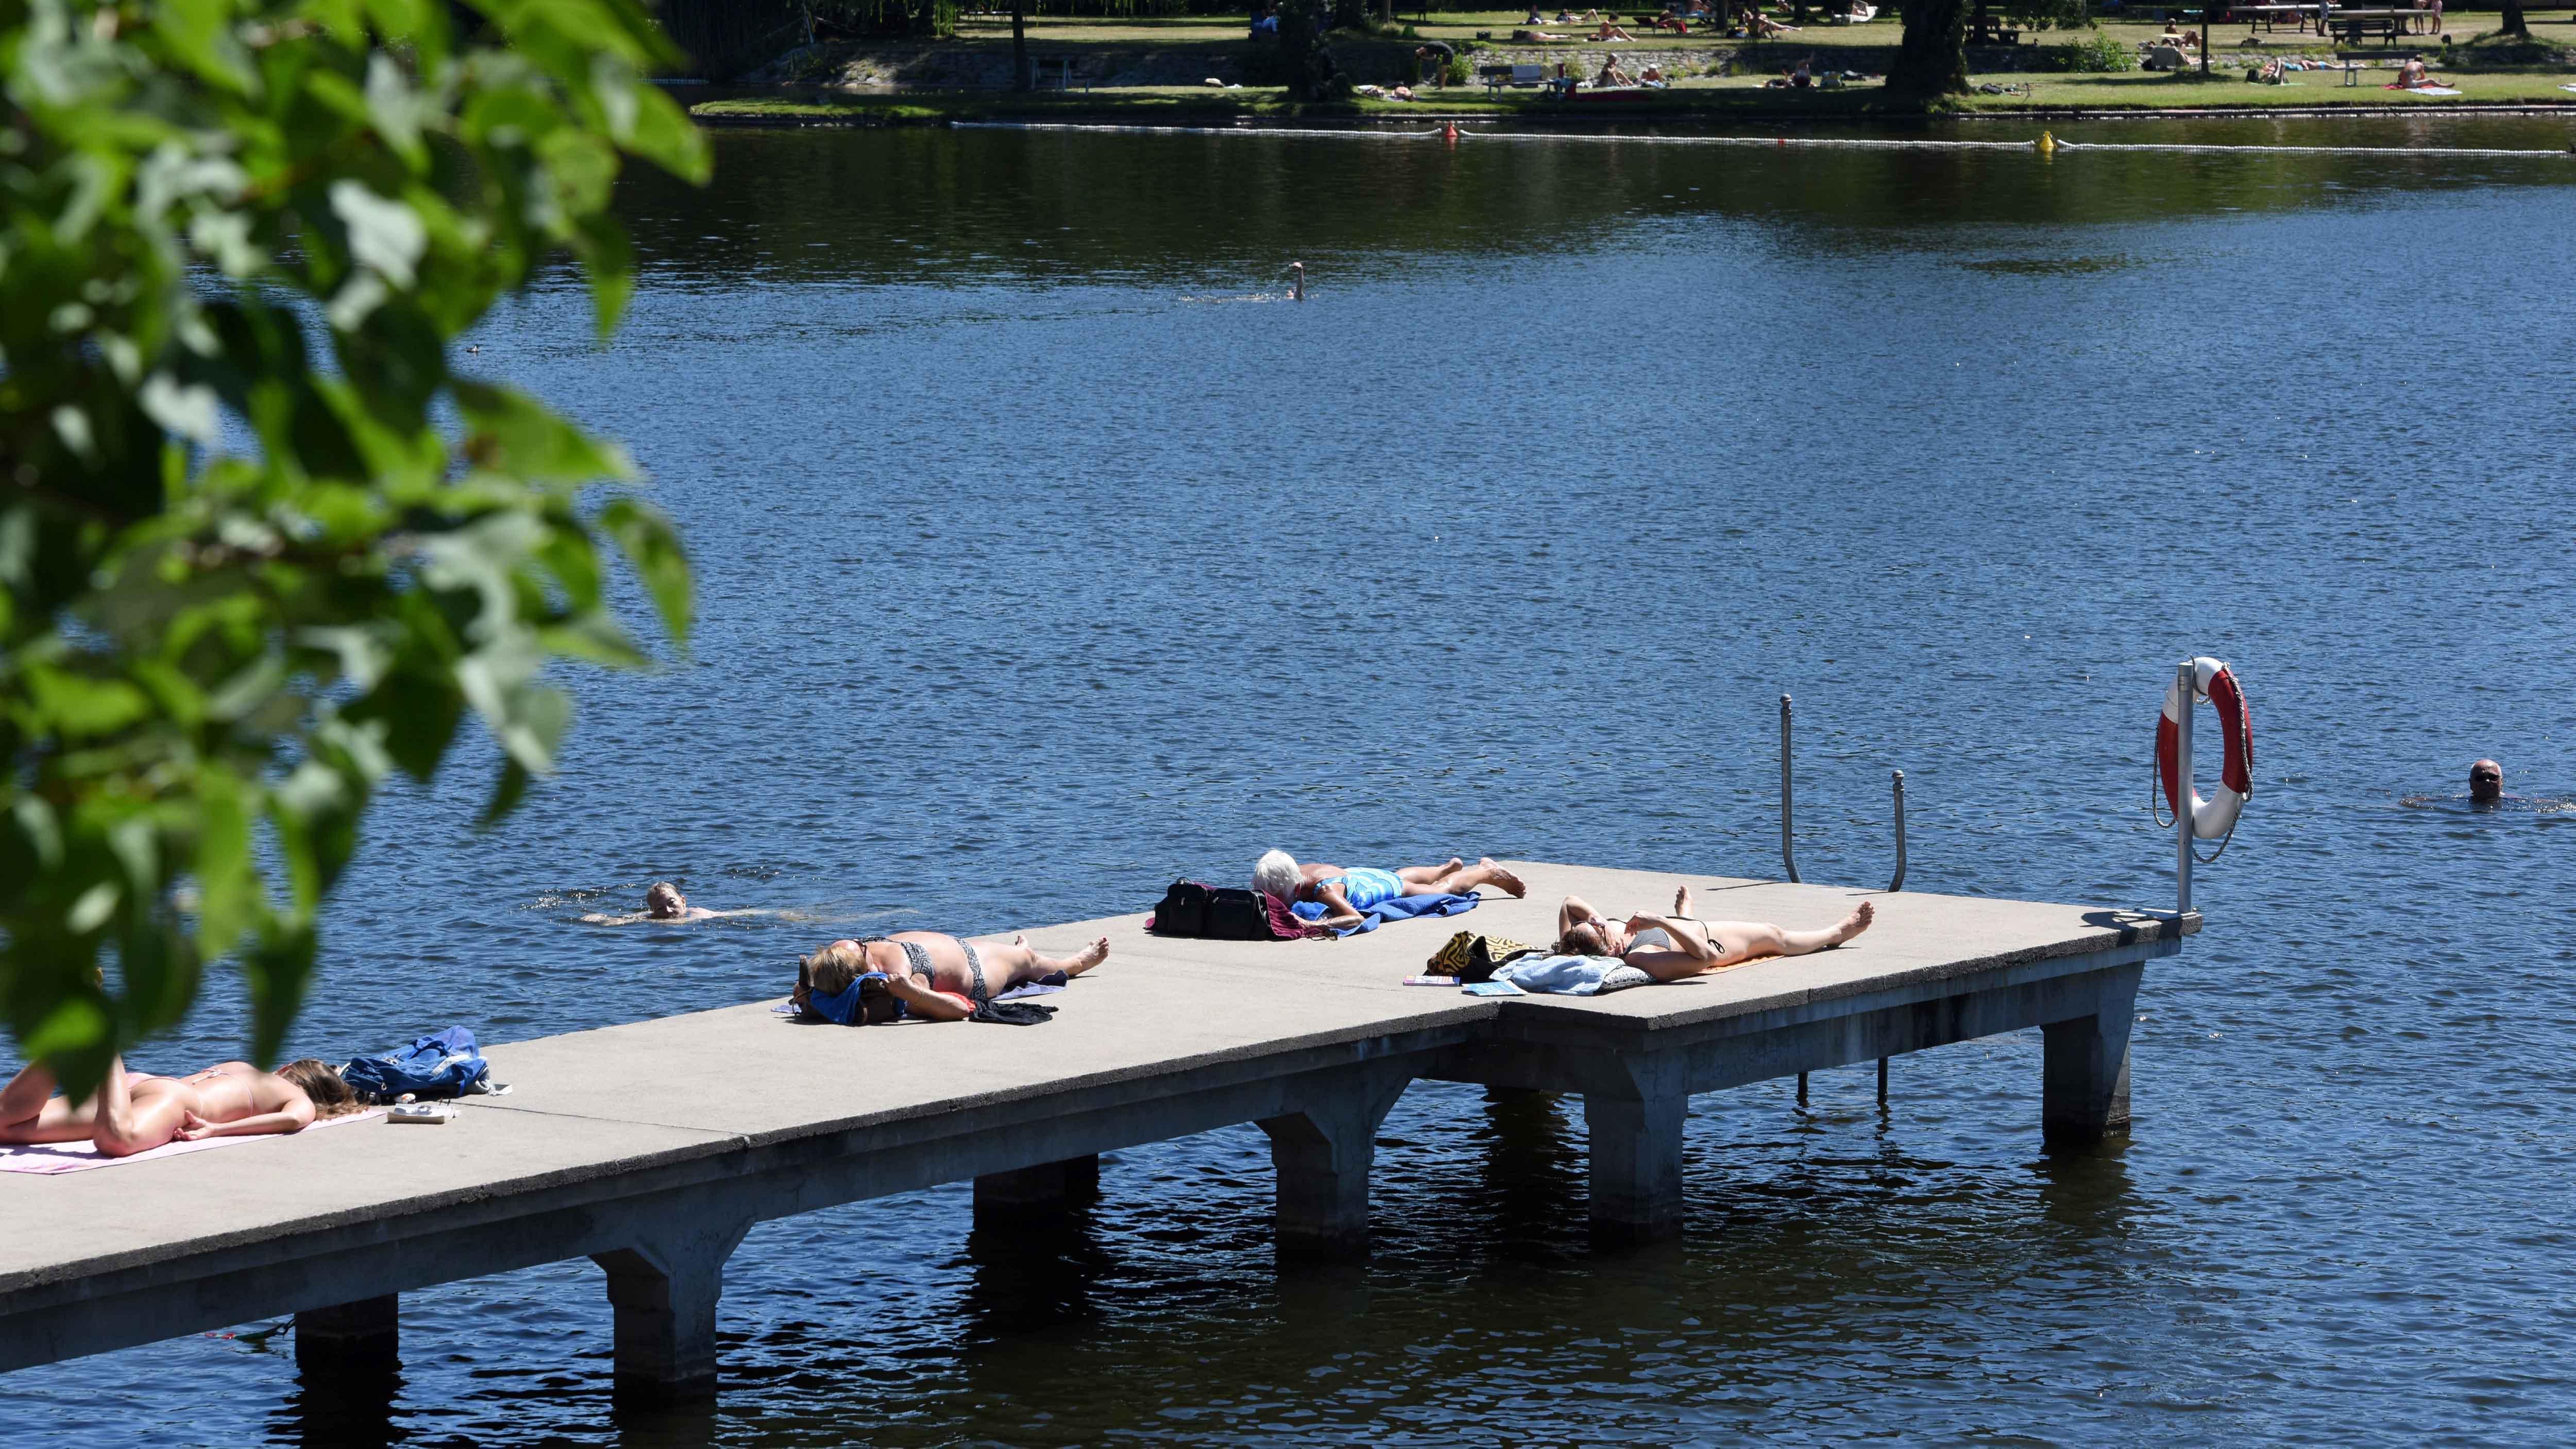 Gesundheitsgefahr: Parasiten und giftige Blaualgen verunreinigen Seen